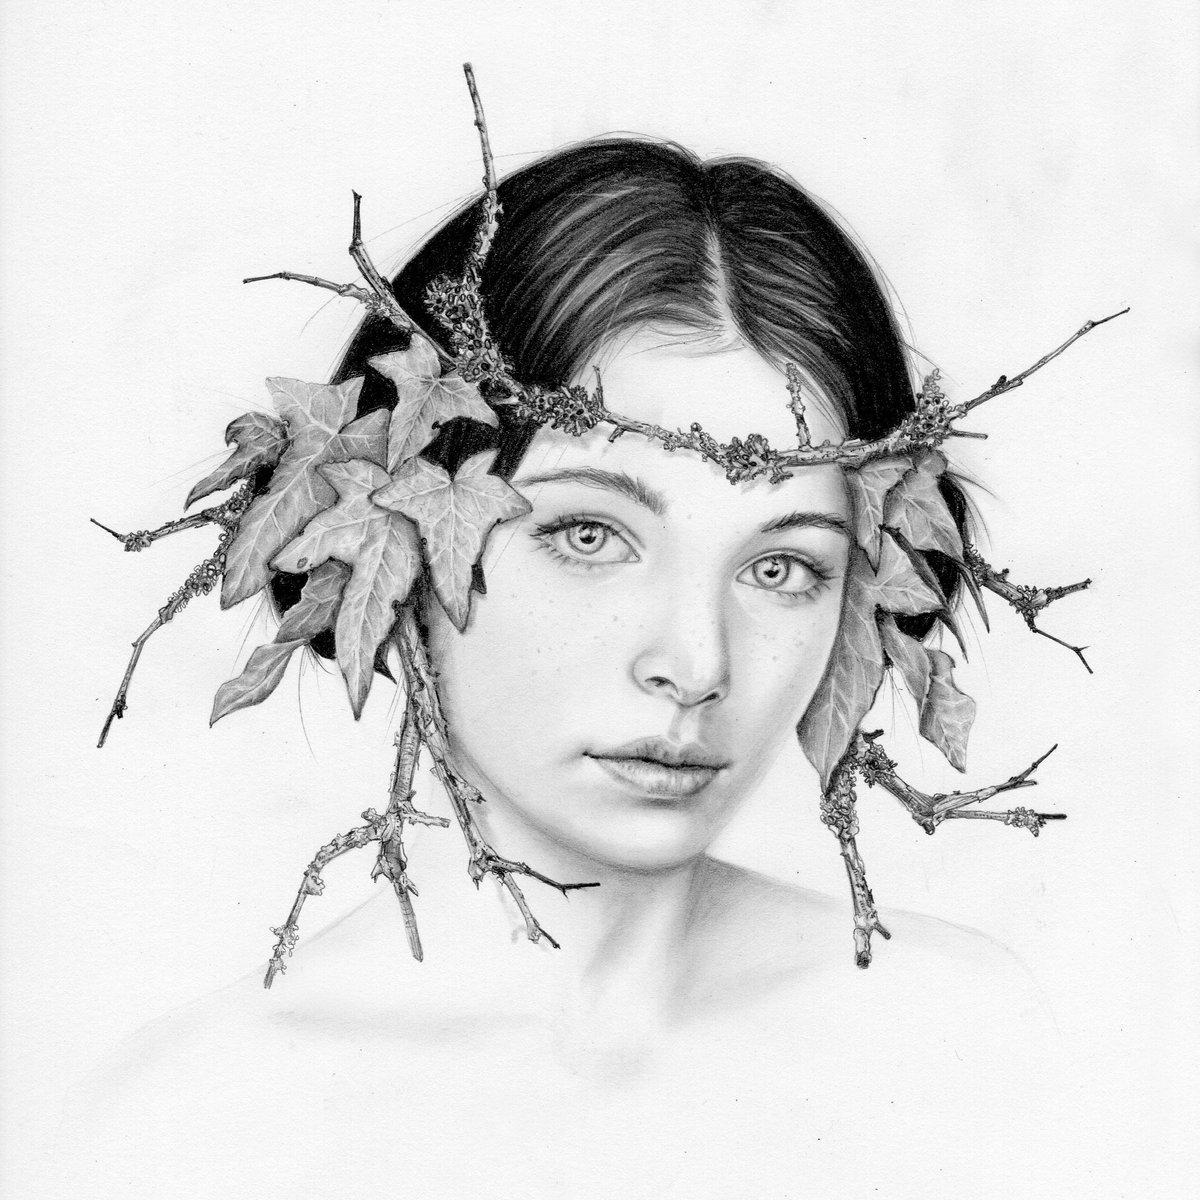 Image of Gwynnevar